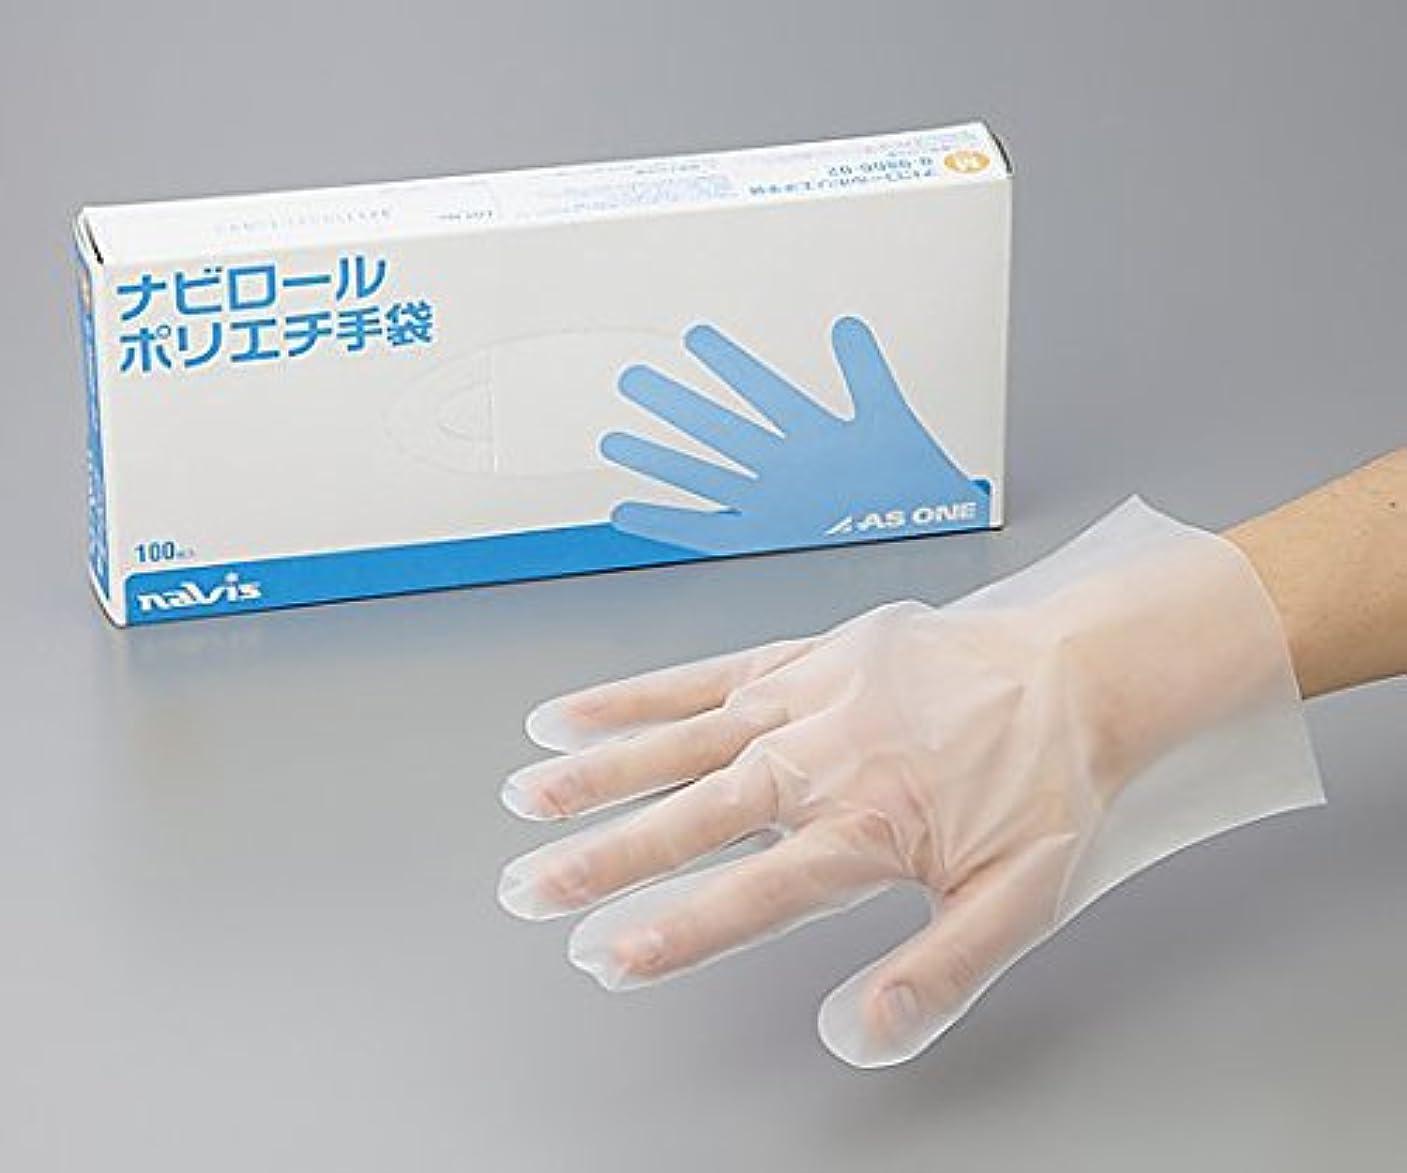 満員すべき矛盾するナビス(アズワン)0-9866-03ナビロールポリエチ手袋S100入